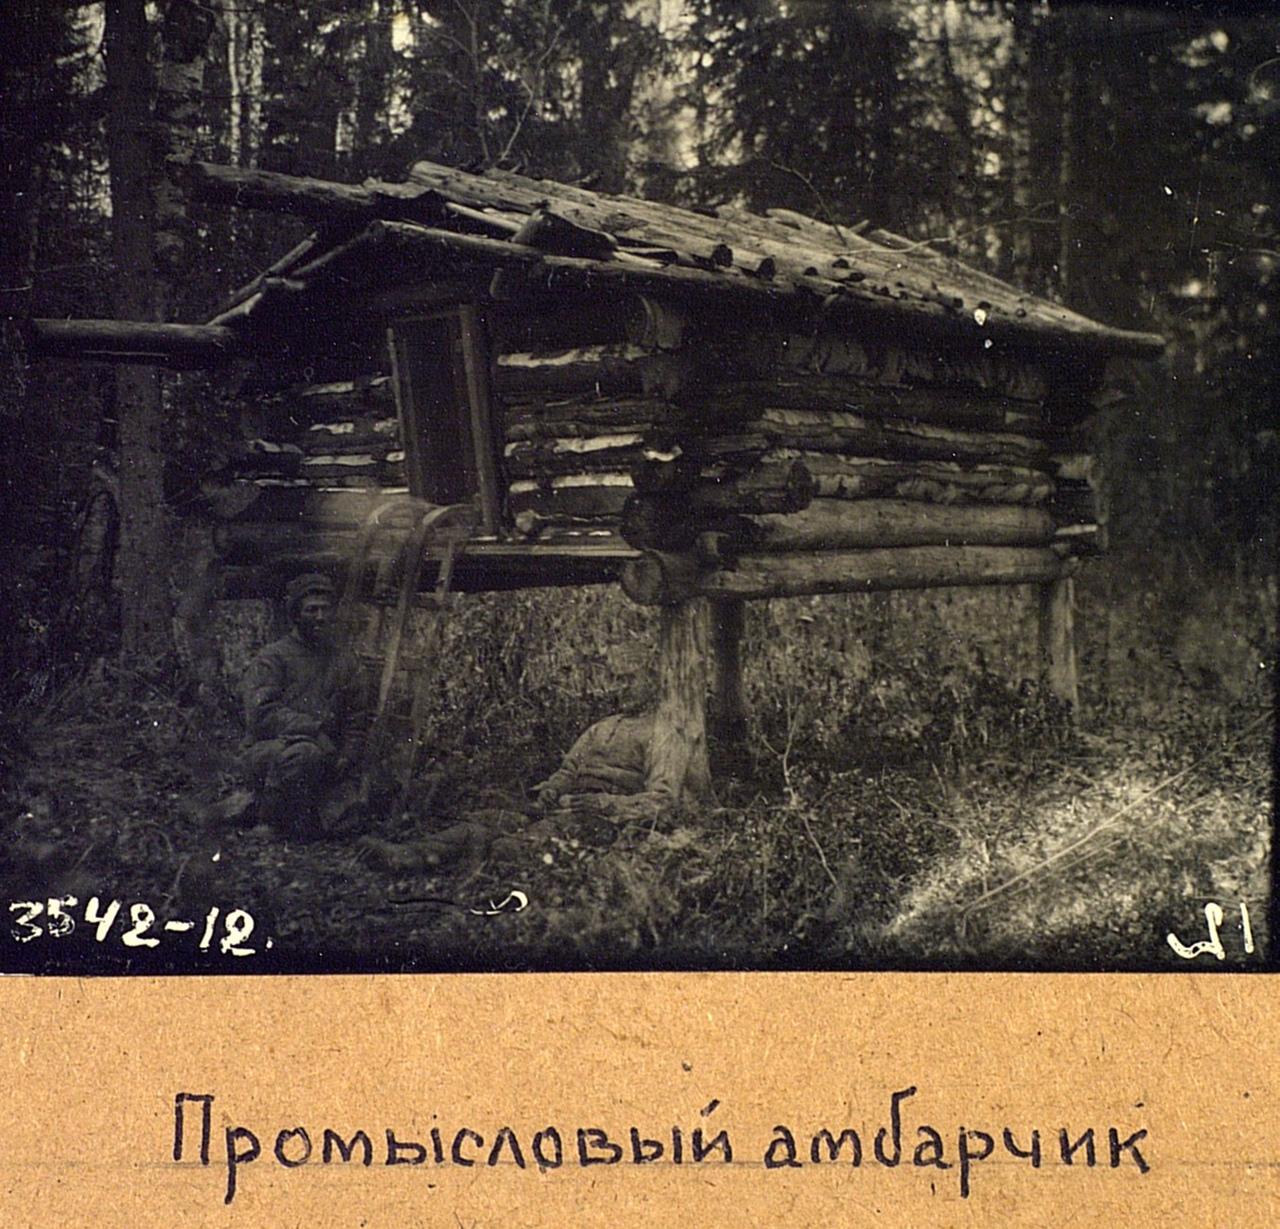 Промысловый амбарчик. Эвенки (тунгусы). Омская область, Тарский район. 1926. № 3542-12.